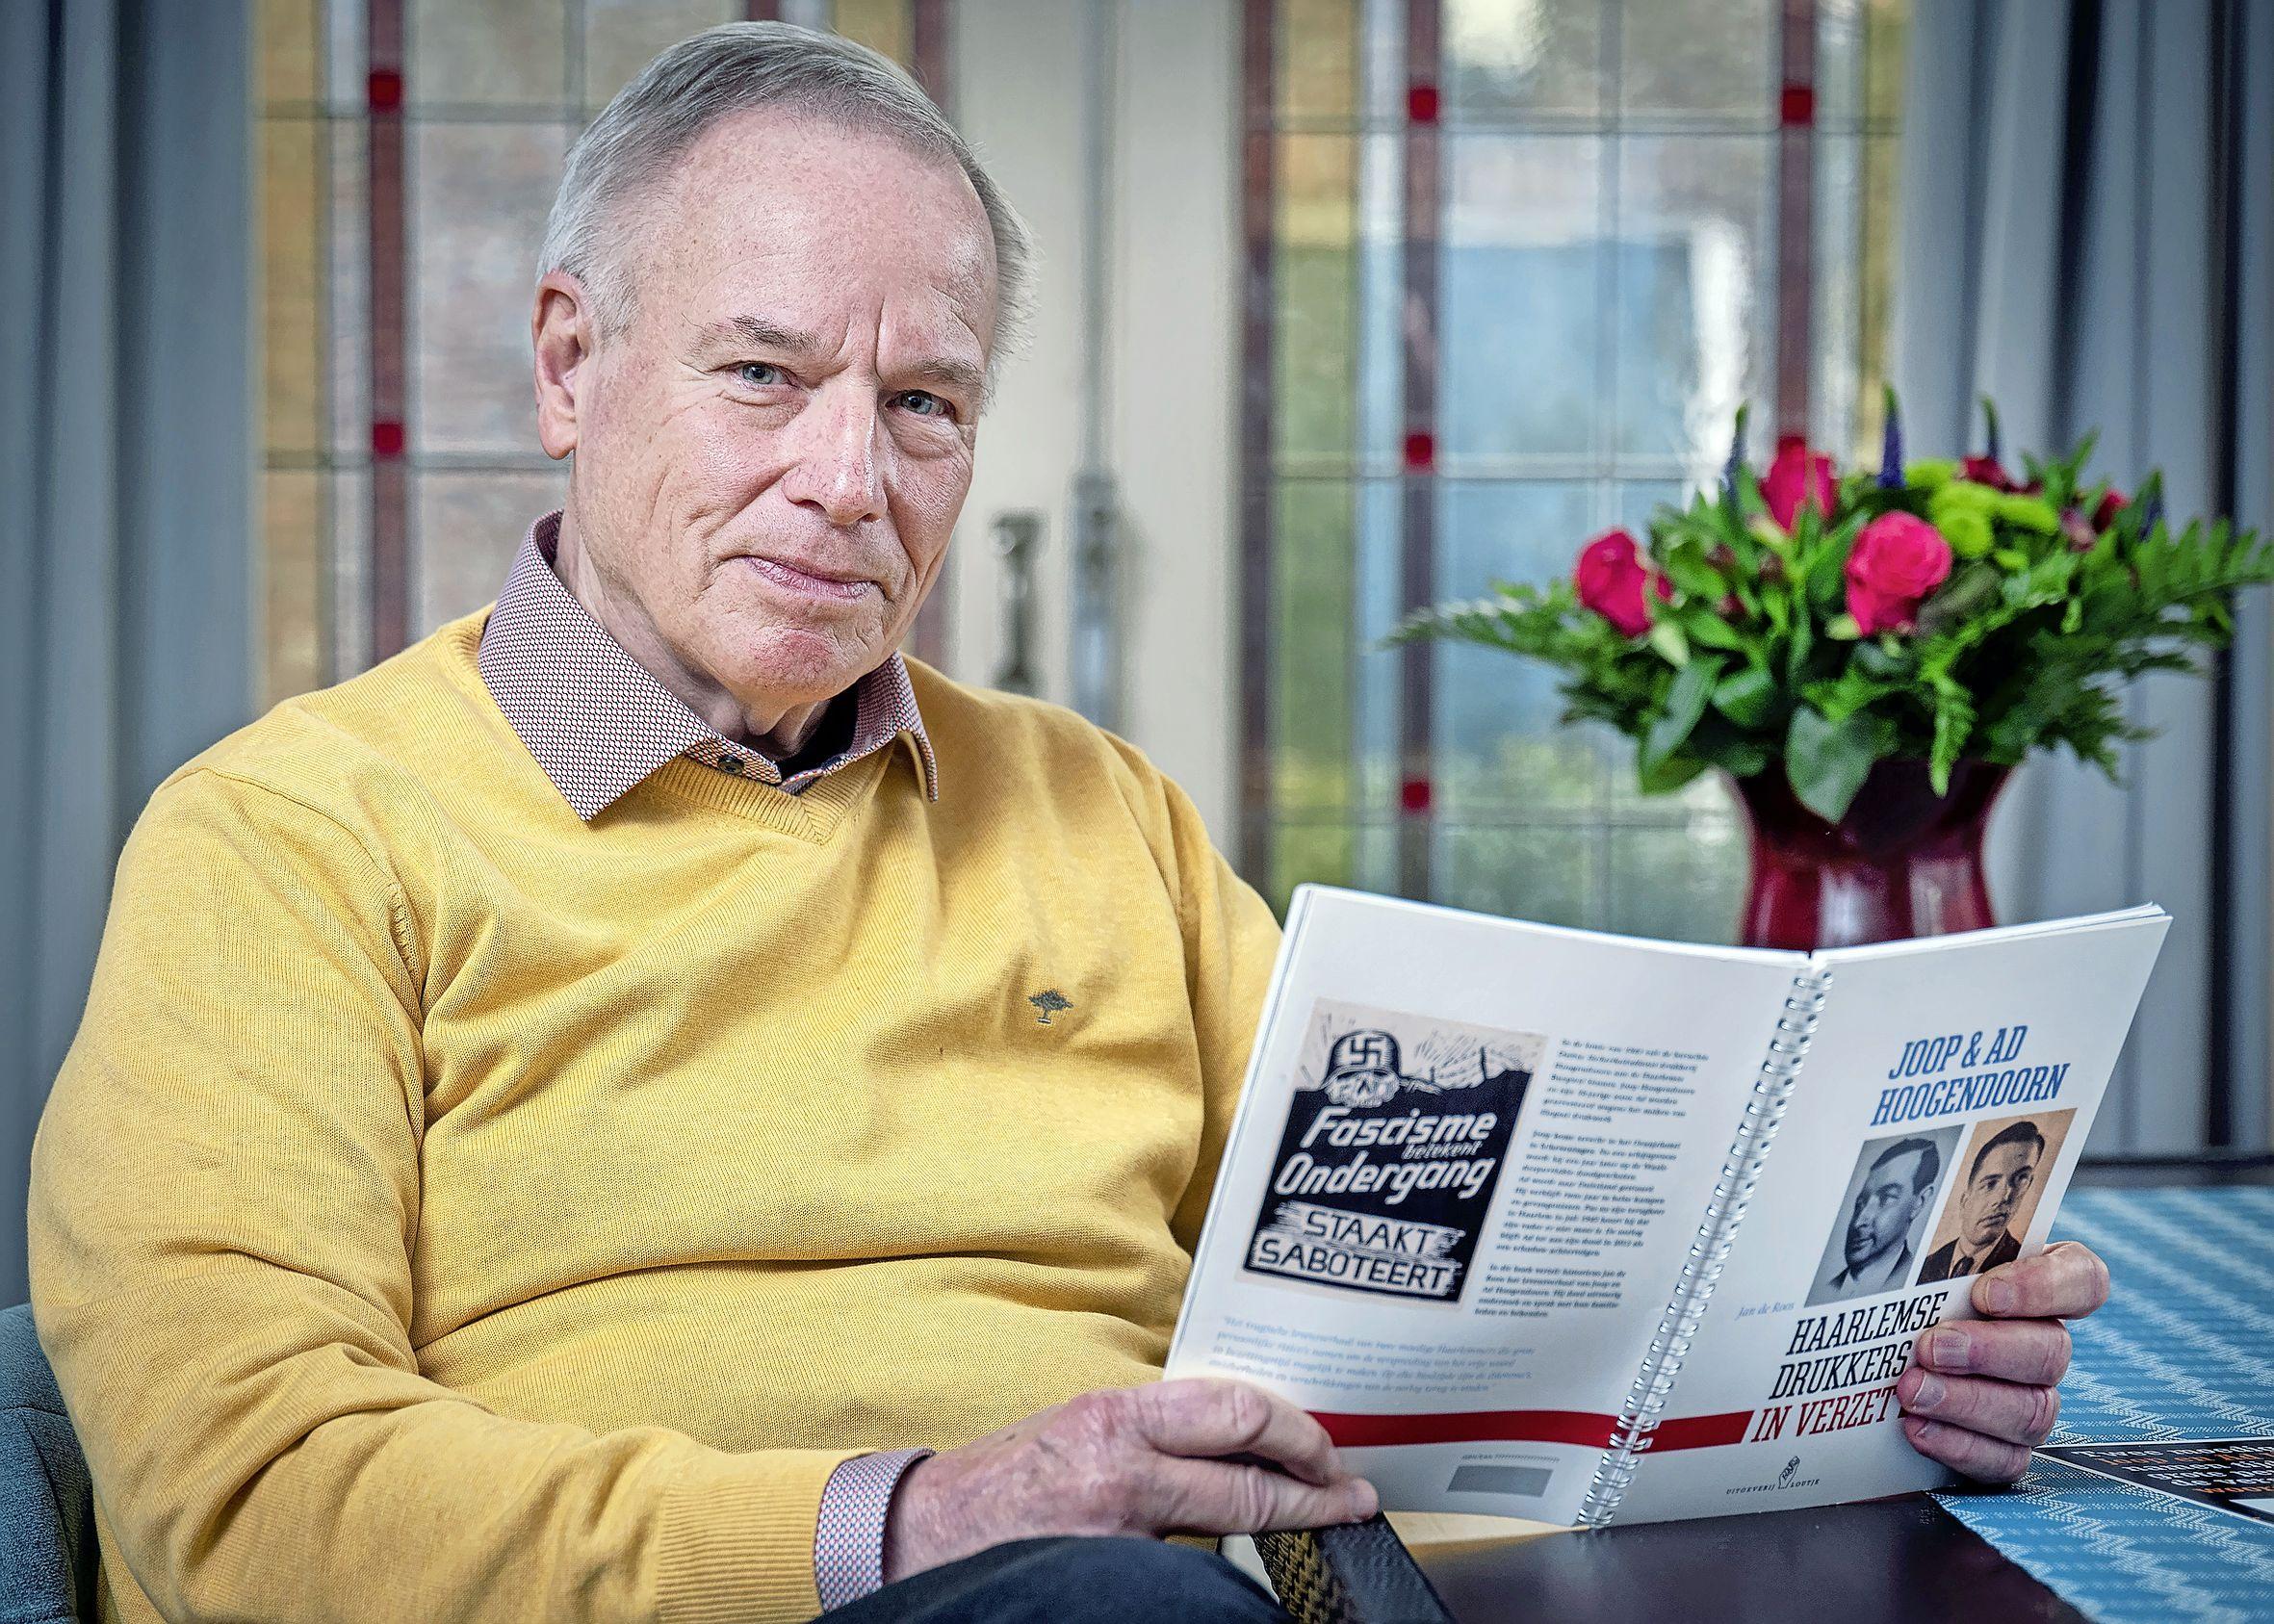 De Hoogendoorns werden in de oorlog opgepakt, zoon Ad overleeft het, vader Joop niet; boek is eerbetoon aan hen en andere drukkers in het Haarlems verzet